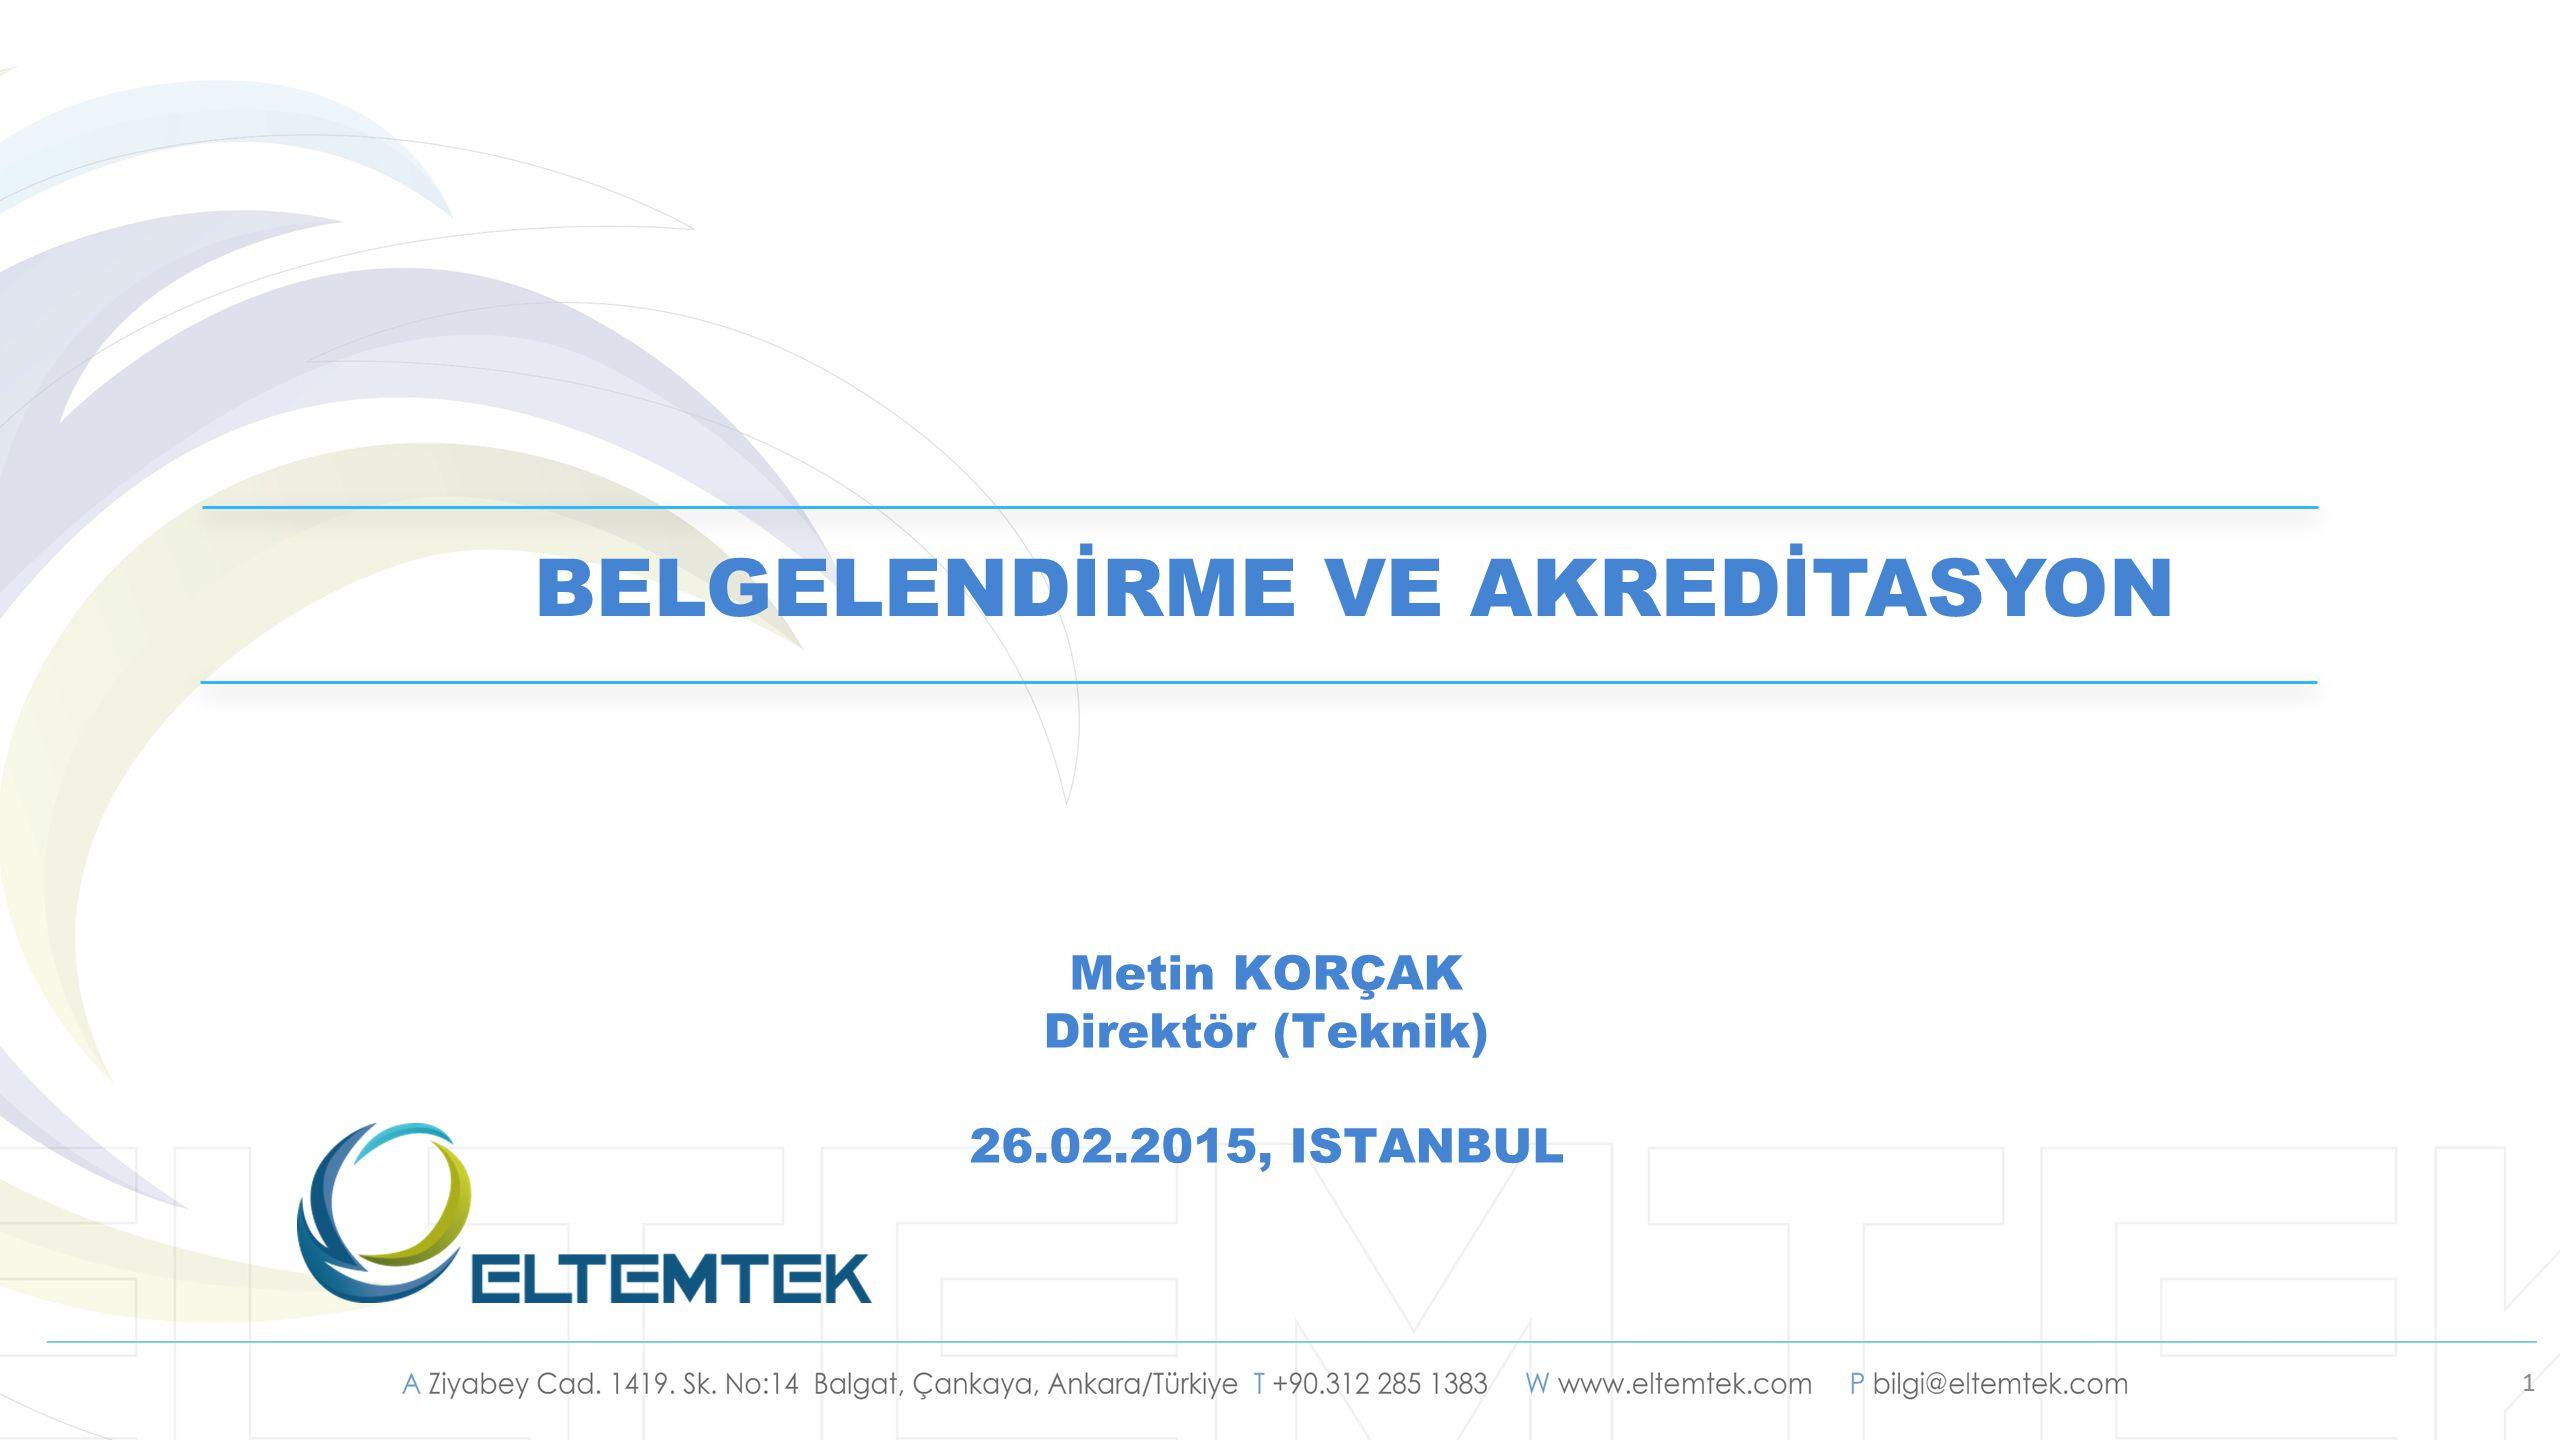 1 Metin KORÇAK Direktör (Teknik) 26.02.2015, ISTANBUL BELGELENDİRME VE AKREDİTASYON